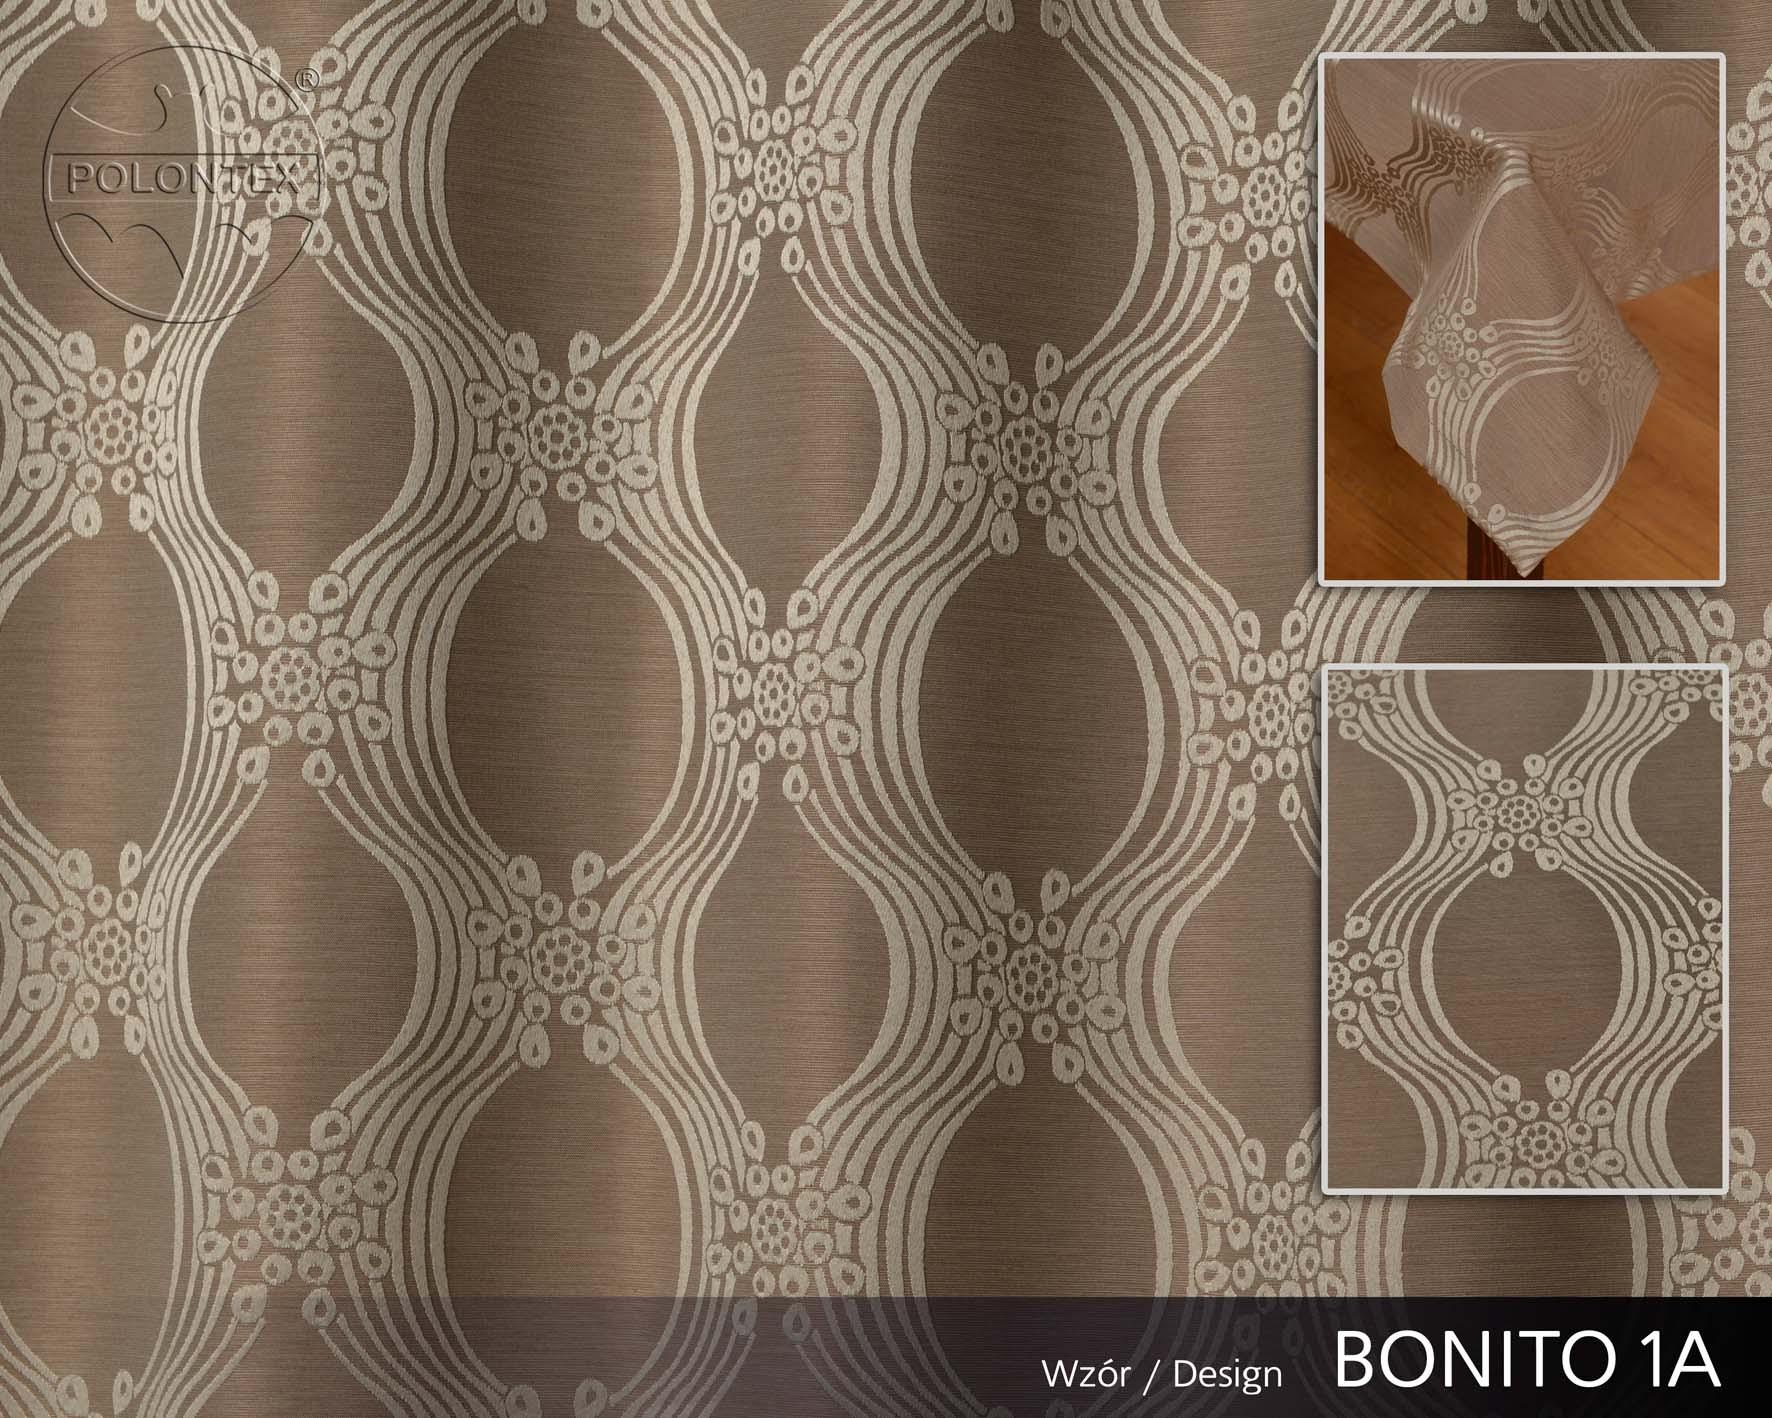 BONITO 1A 7536